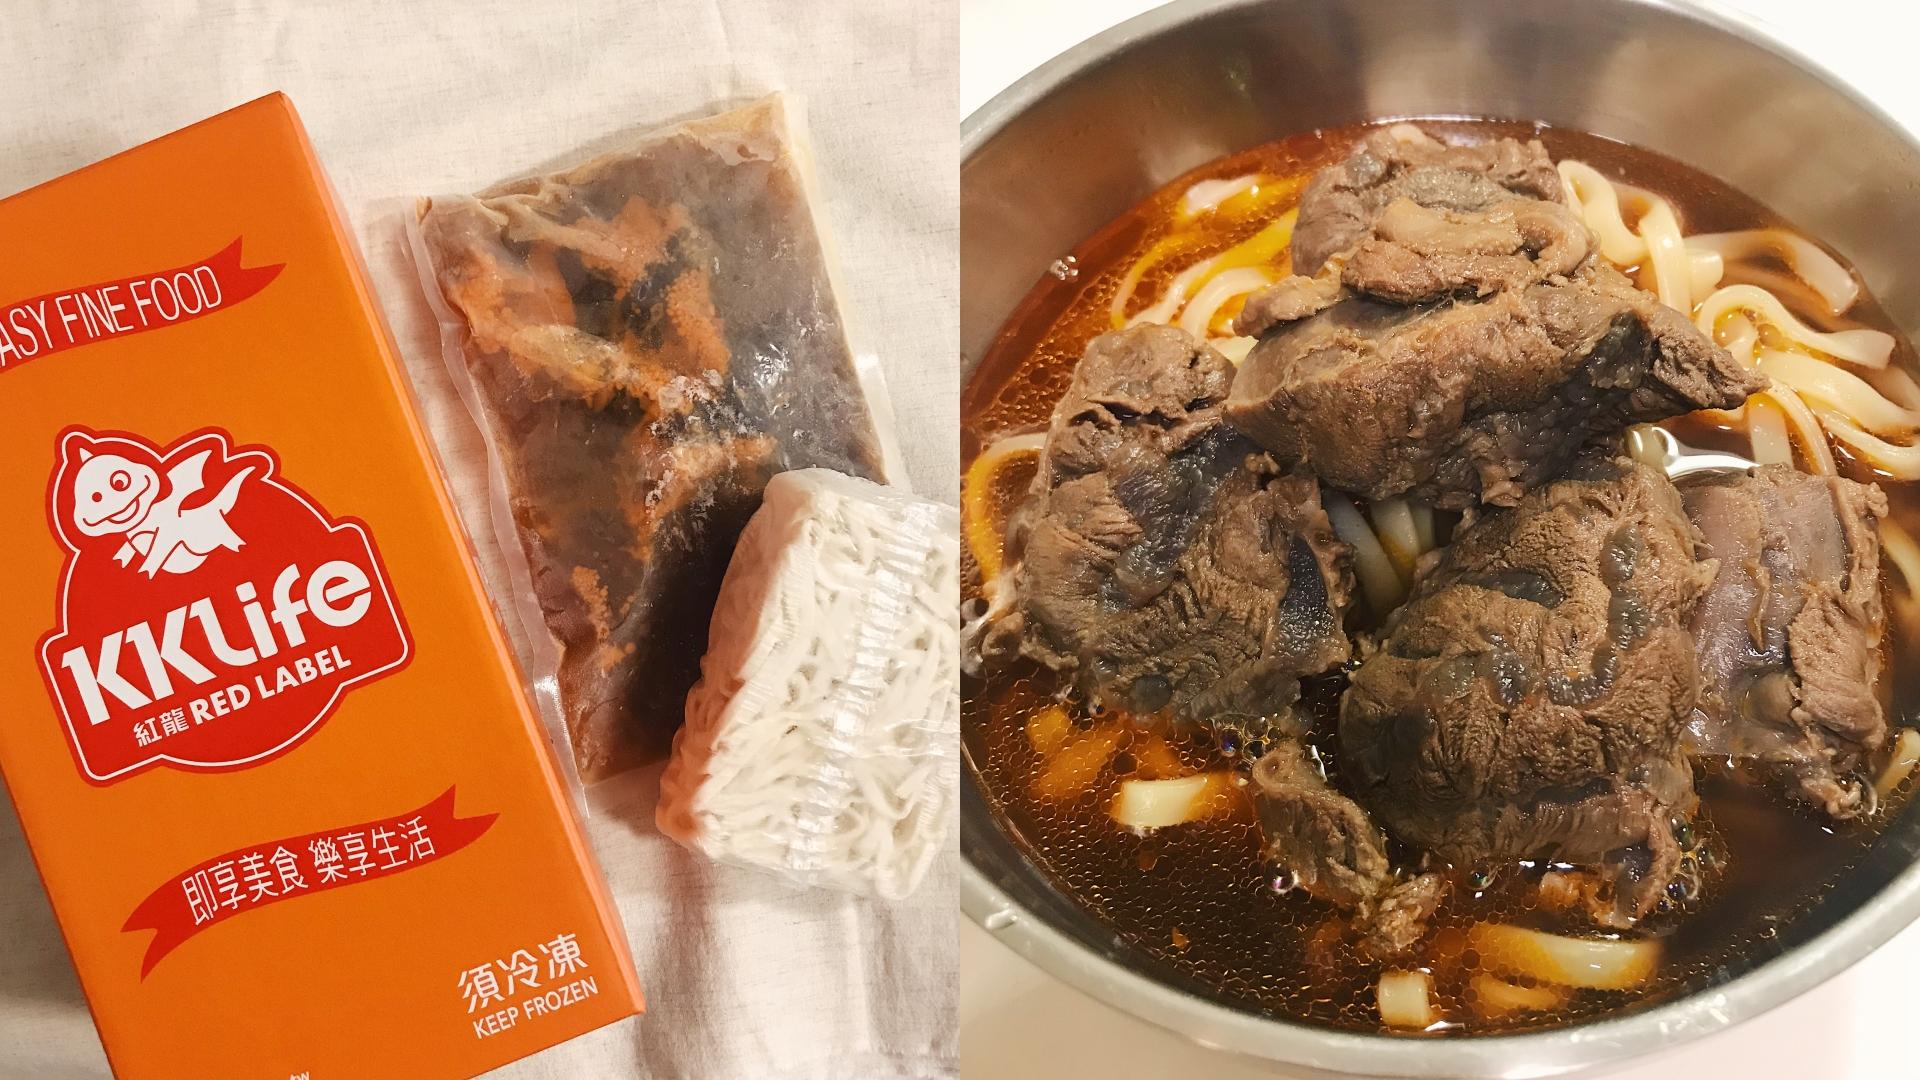 搭配大骨熬製而成的湯頭喝起來清爽又鮮甜,搭配切得大塊厚實、油花均勻、肉質細緻軟嫩的牛腱心,吃起來真的超過癮!